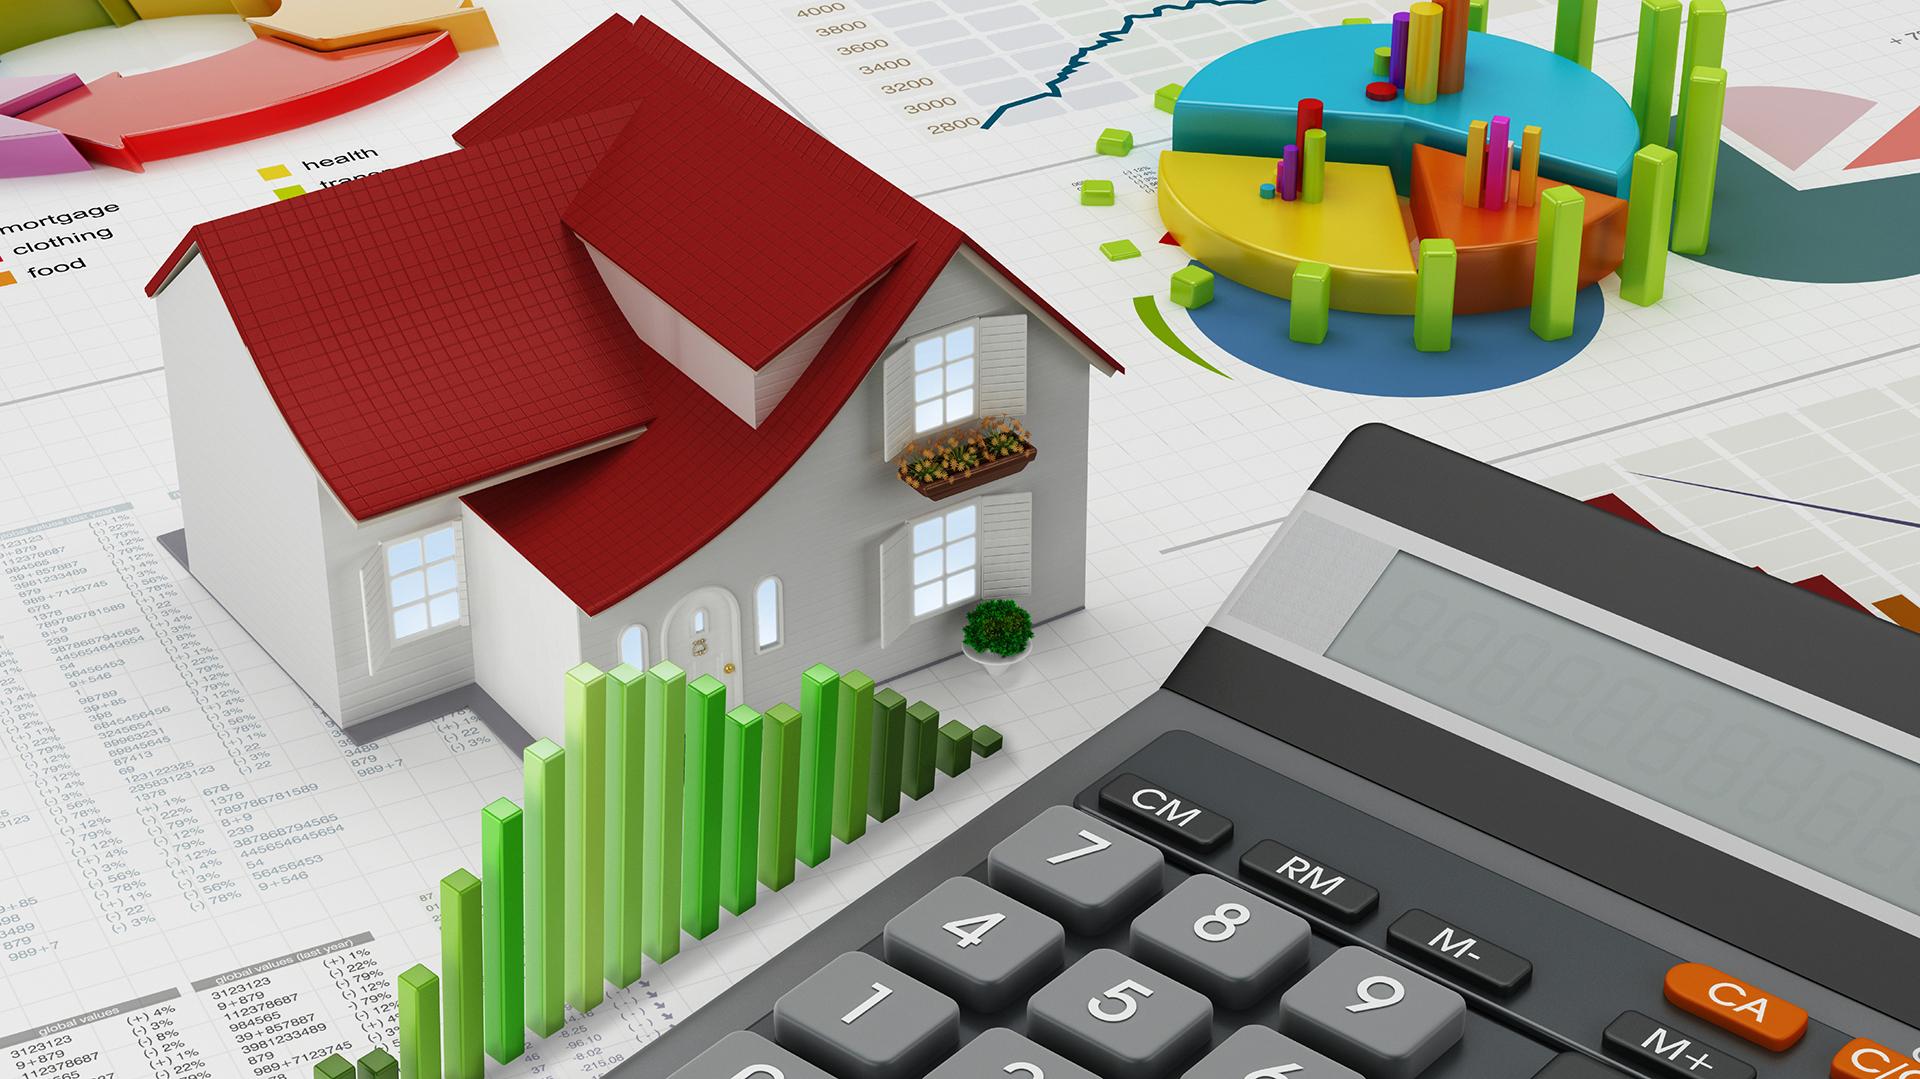 Los préstamos para vivienda impulsan la recuperación del mercado inmobiliario. (Istock)